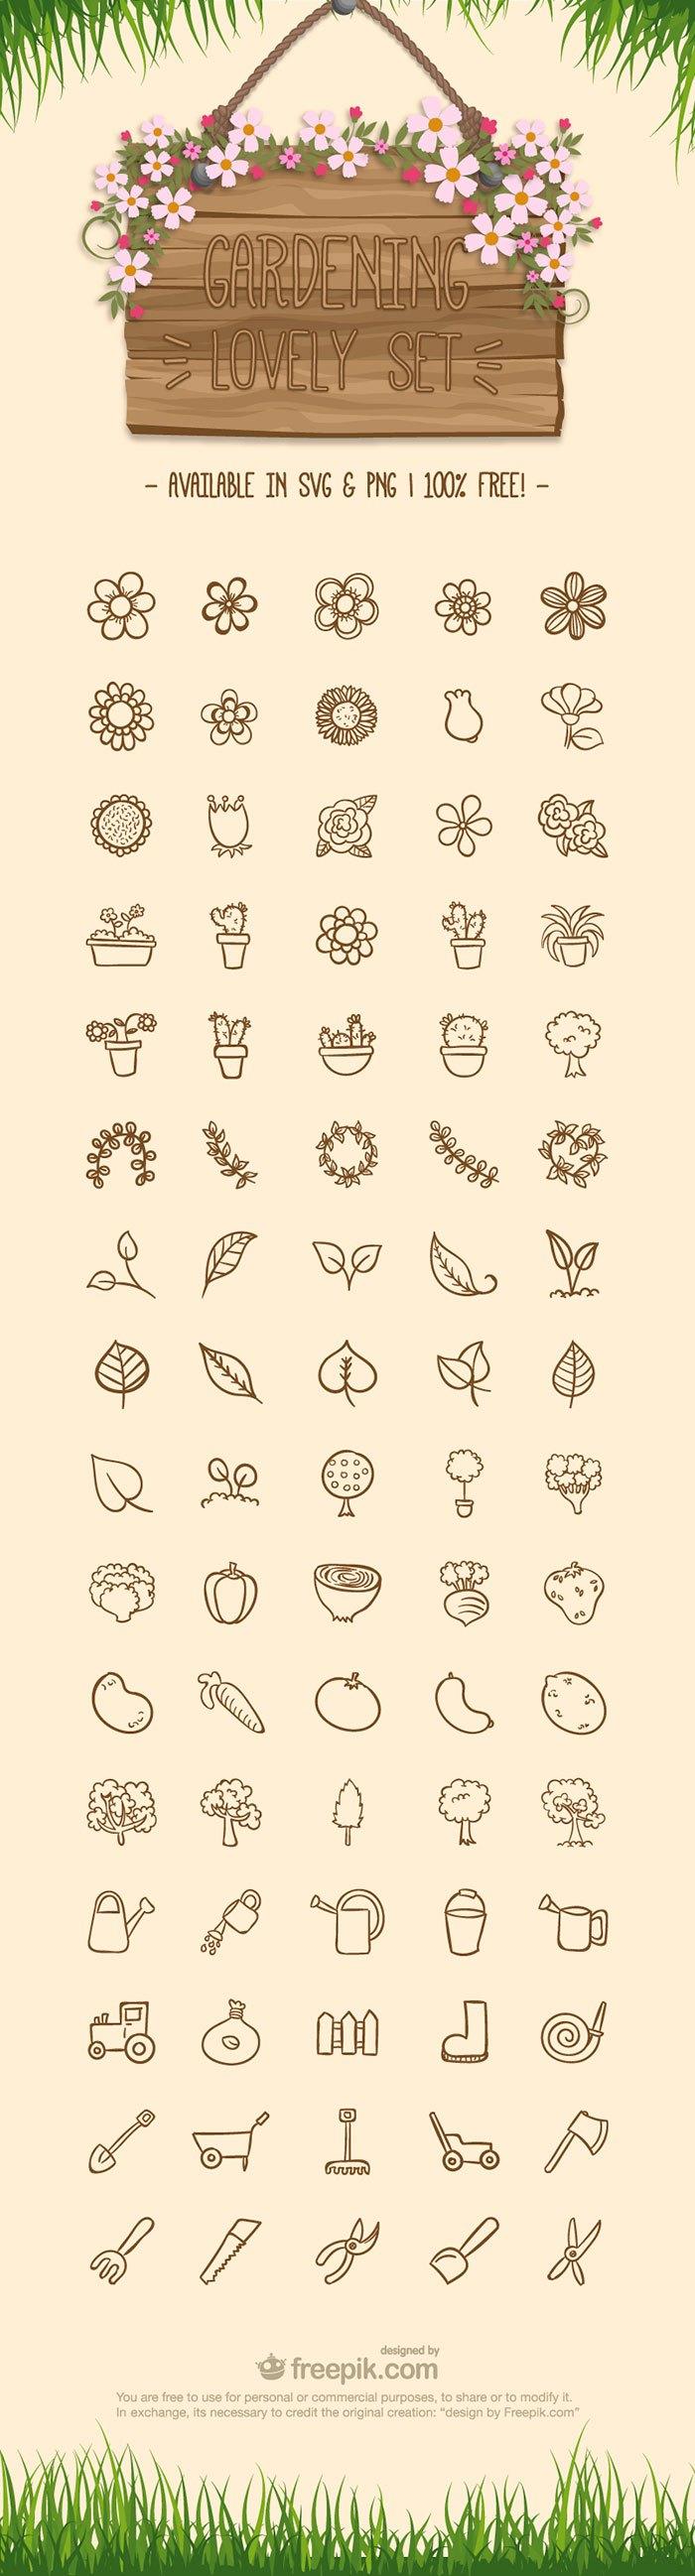 Free-Gardening-Icon-Set